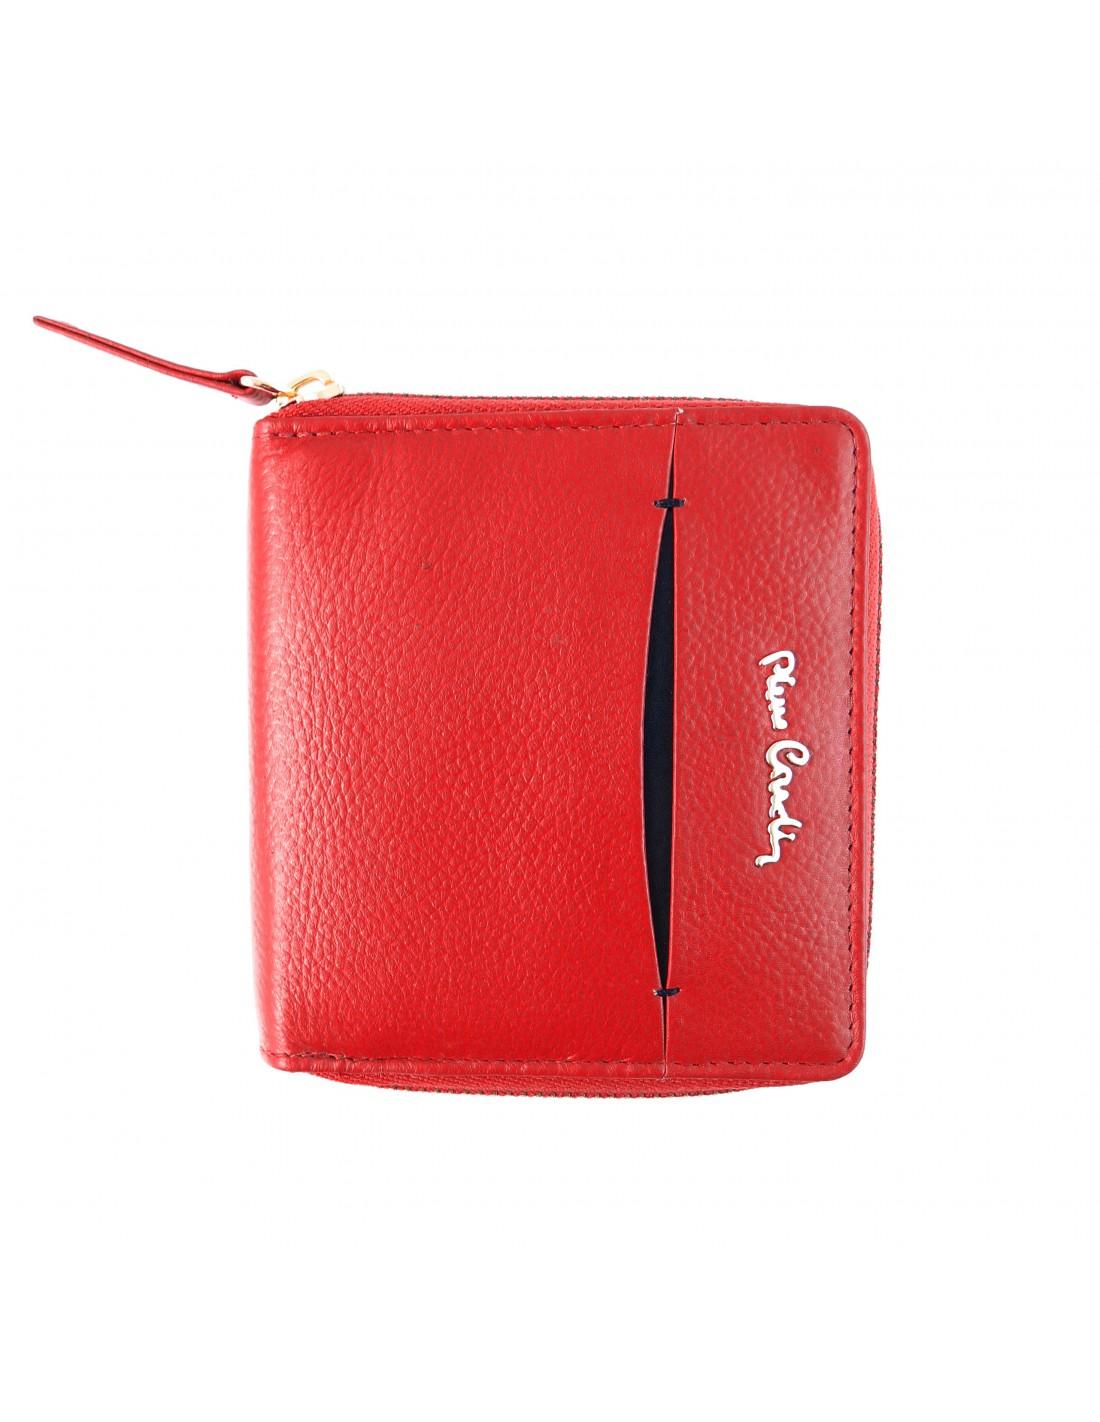 cd99667f726cc7 Skórzany czerwony damski portfelik Pierre Cardin PFD1 | Sklep ...